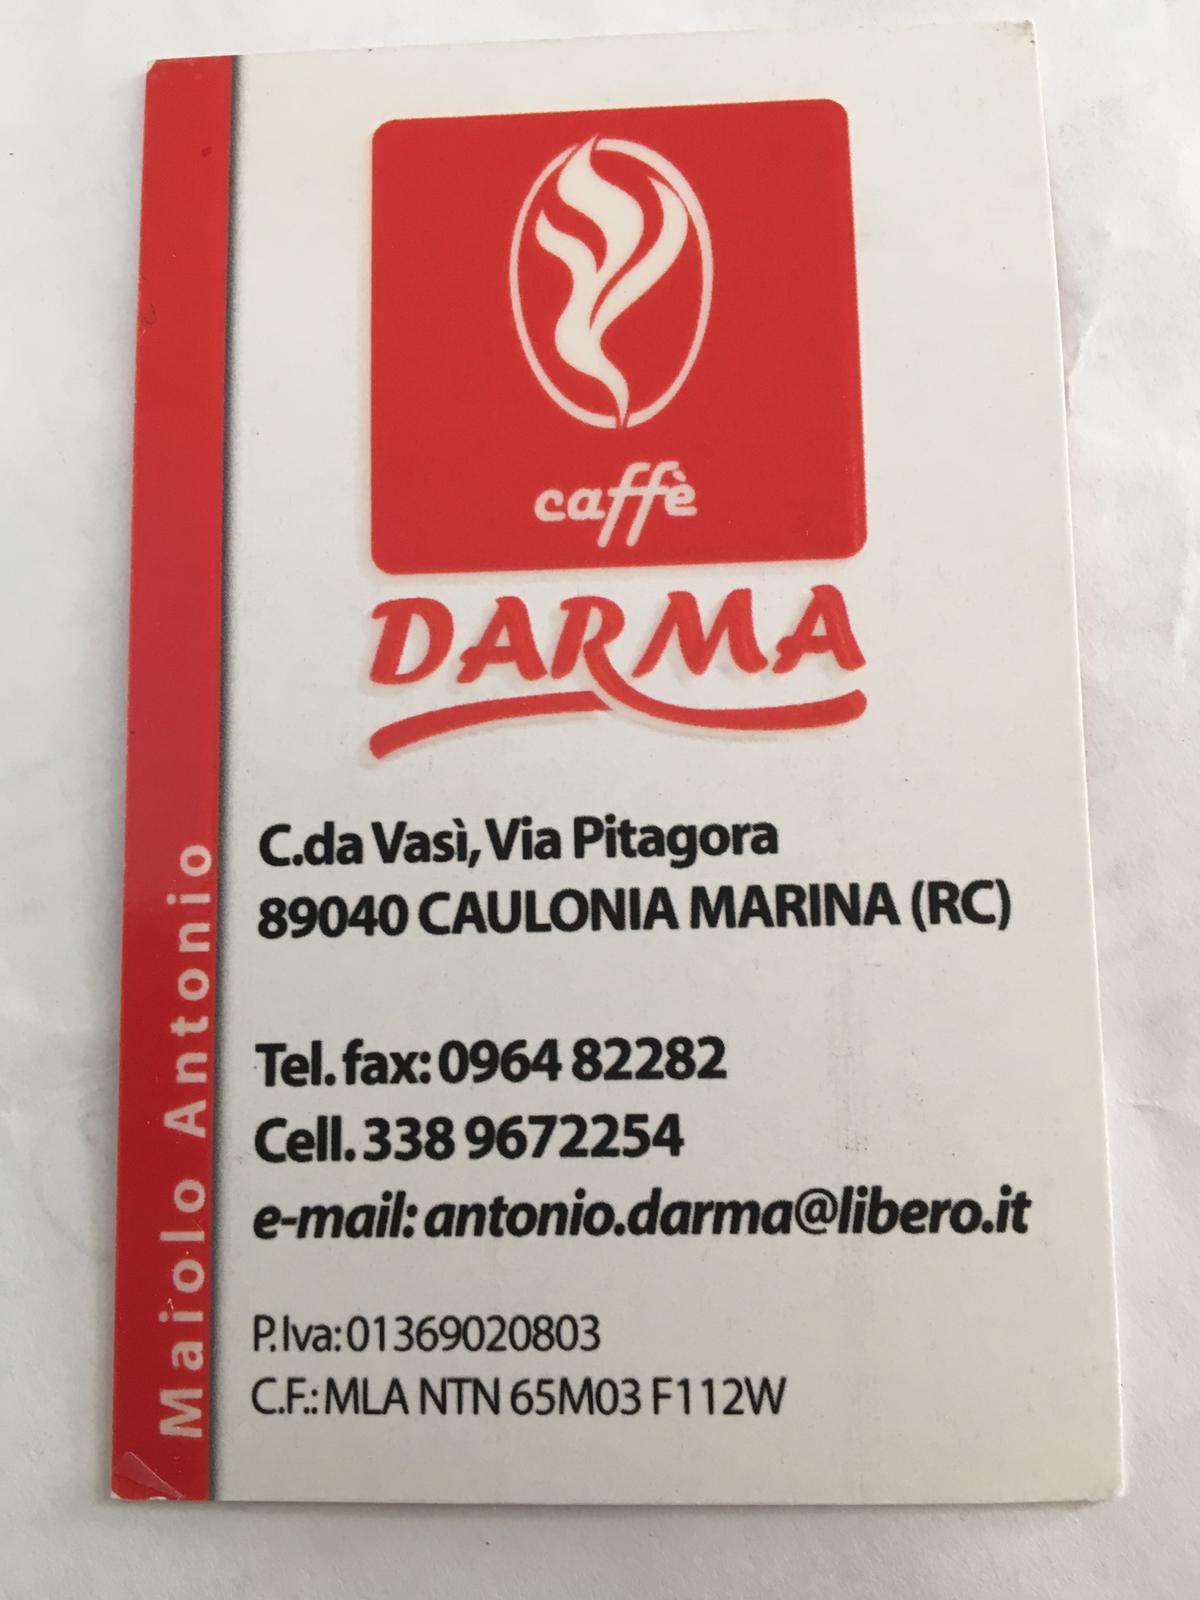 Darma Caffè